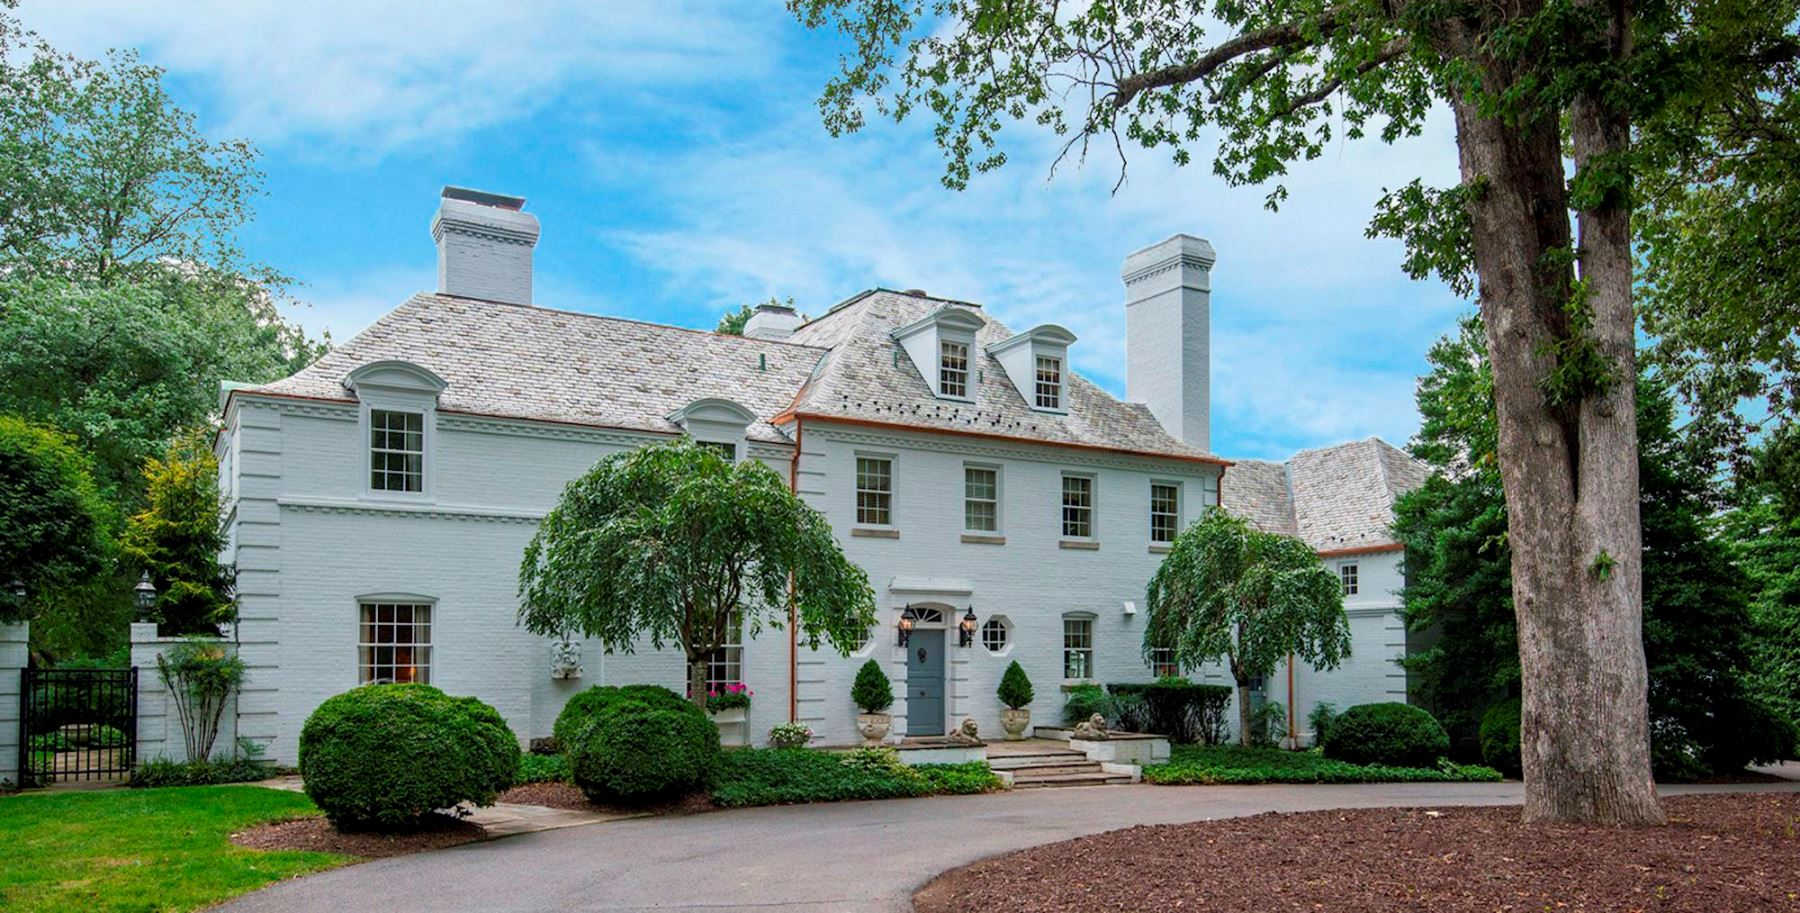 独户住宅 为 销售 在 9325 Belle Terre Way, Potomac 波托马克, 马里兰州, 20854 美国